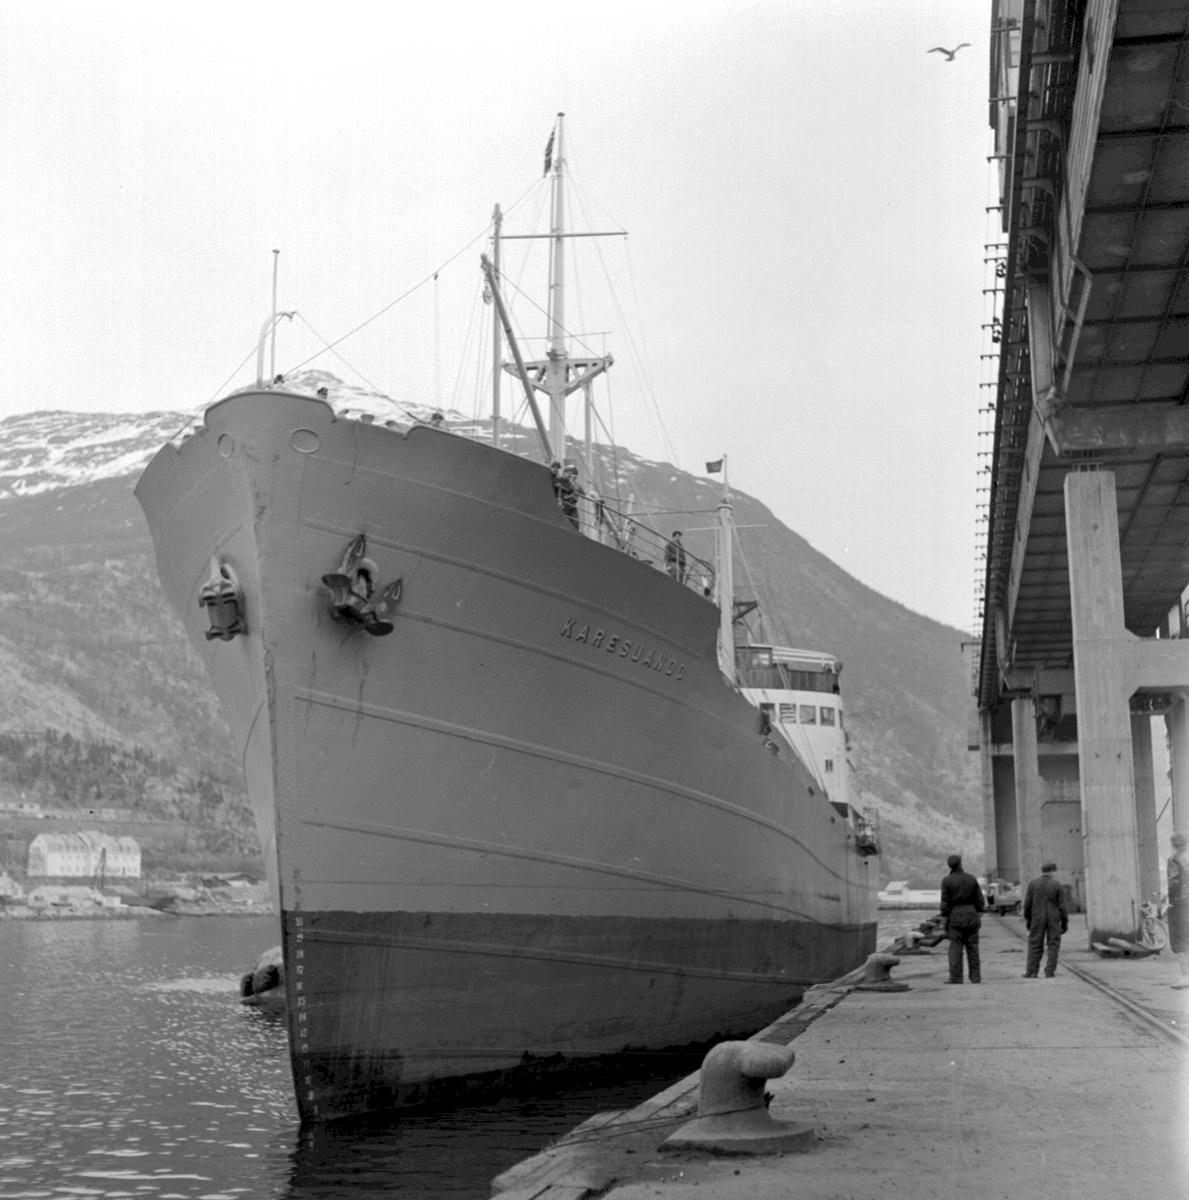 M/S Karesuando. Luossavaara-Kiirunavaara Aktiebolag, LKAB:s anläggning, malmkajen i Narvik